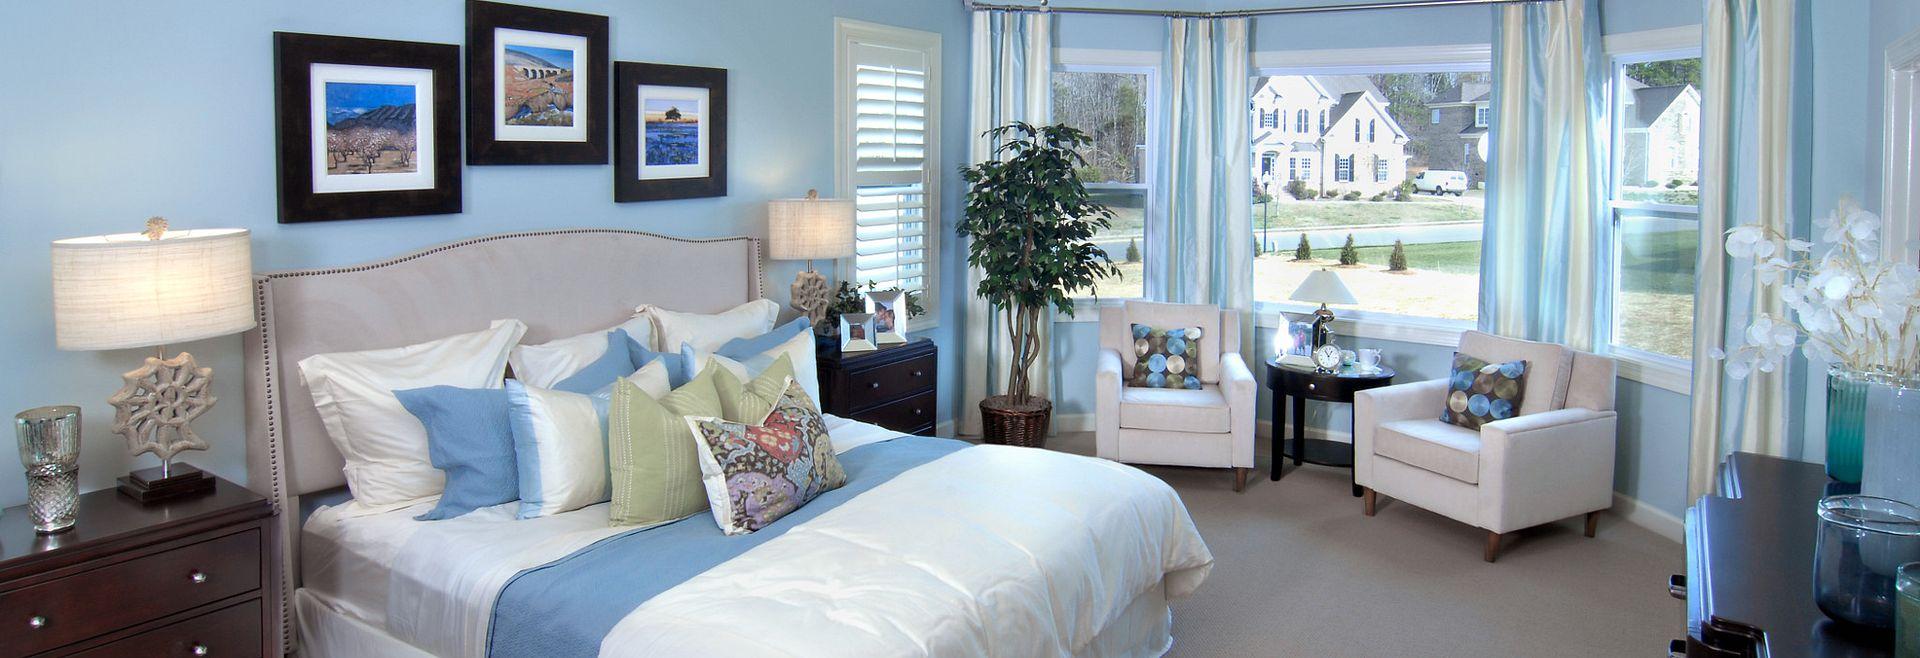 Silverado plan Owner's Suite